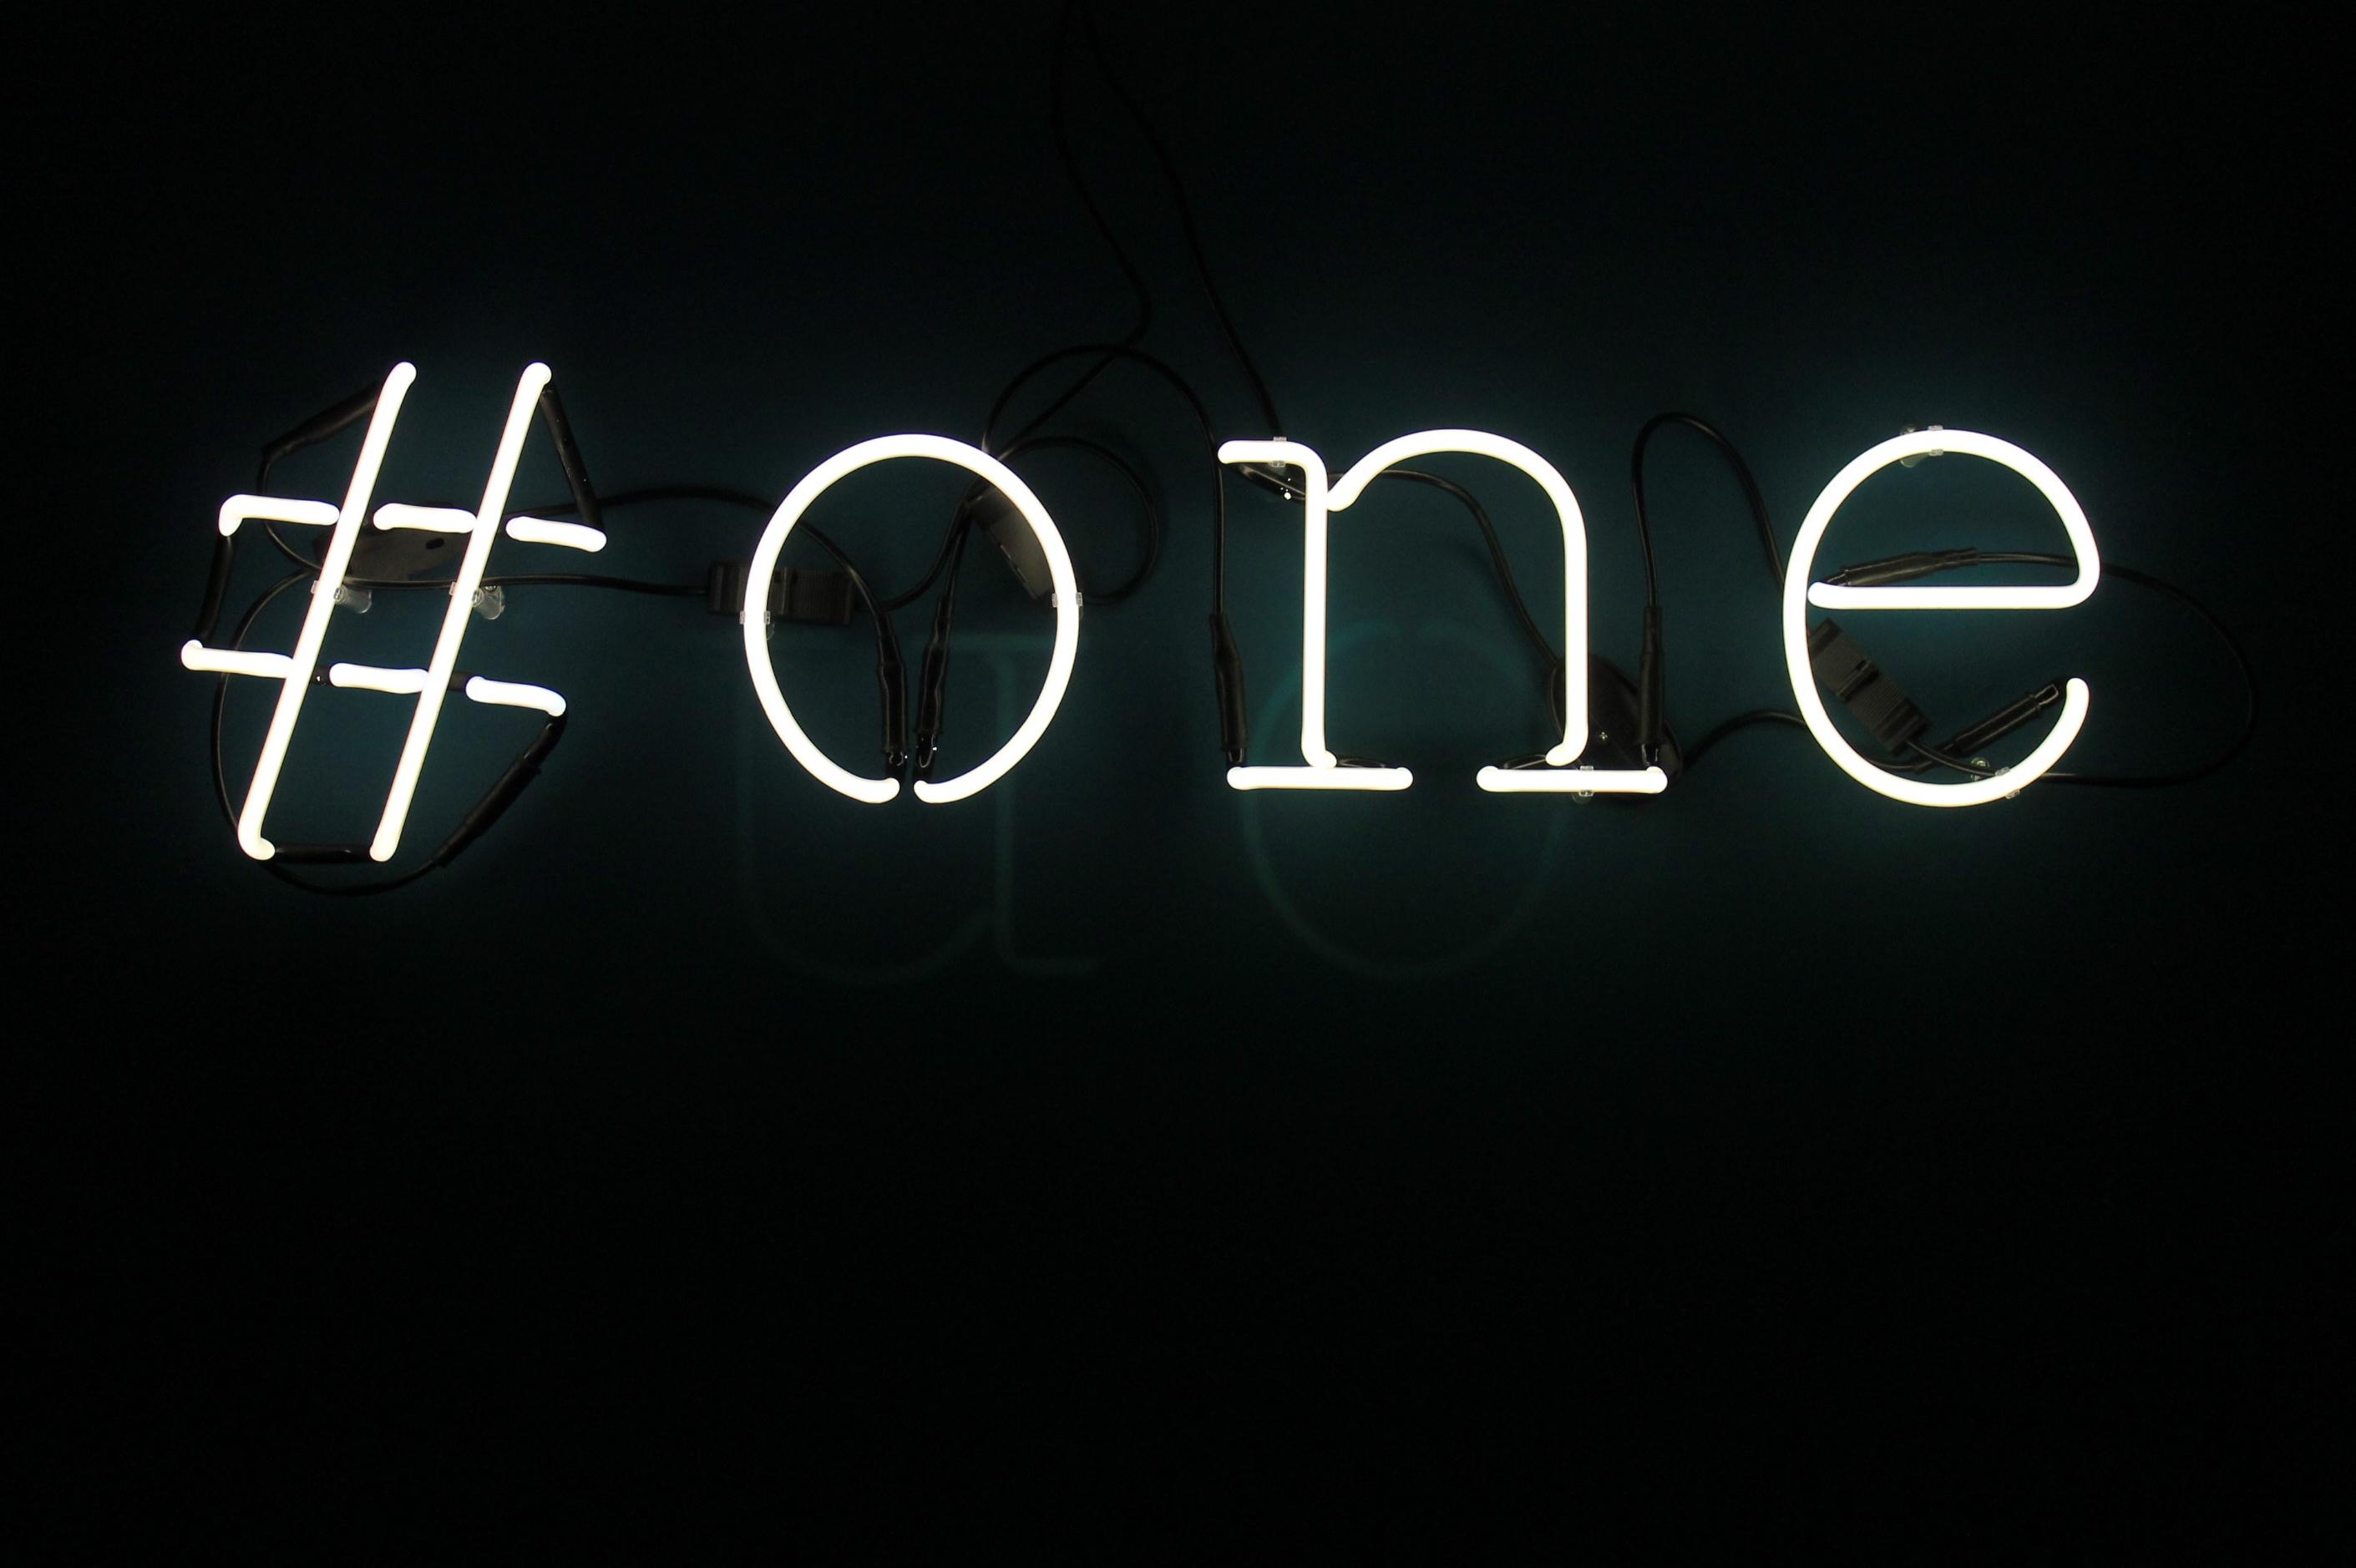 <p>Detailfoto neonverlichting</p>